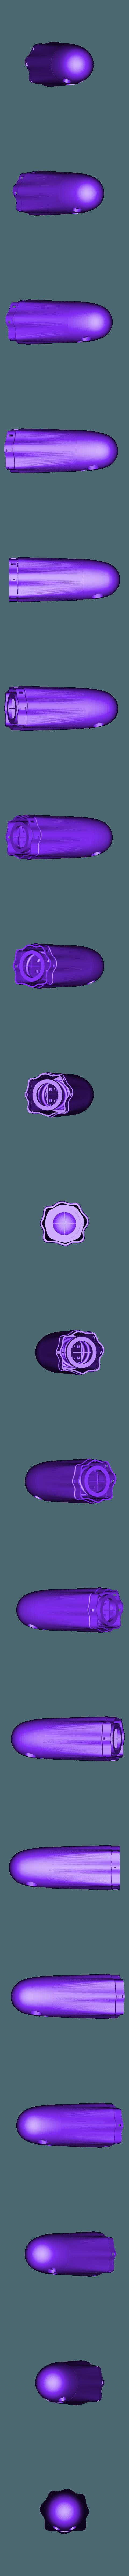 Wobbly_Ghost.stl Télécharger fichier STL gratuit Fantômes vacillants ! • Design à imprimer en 3D, Muzz64